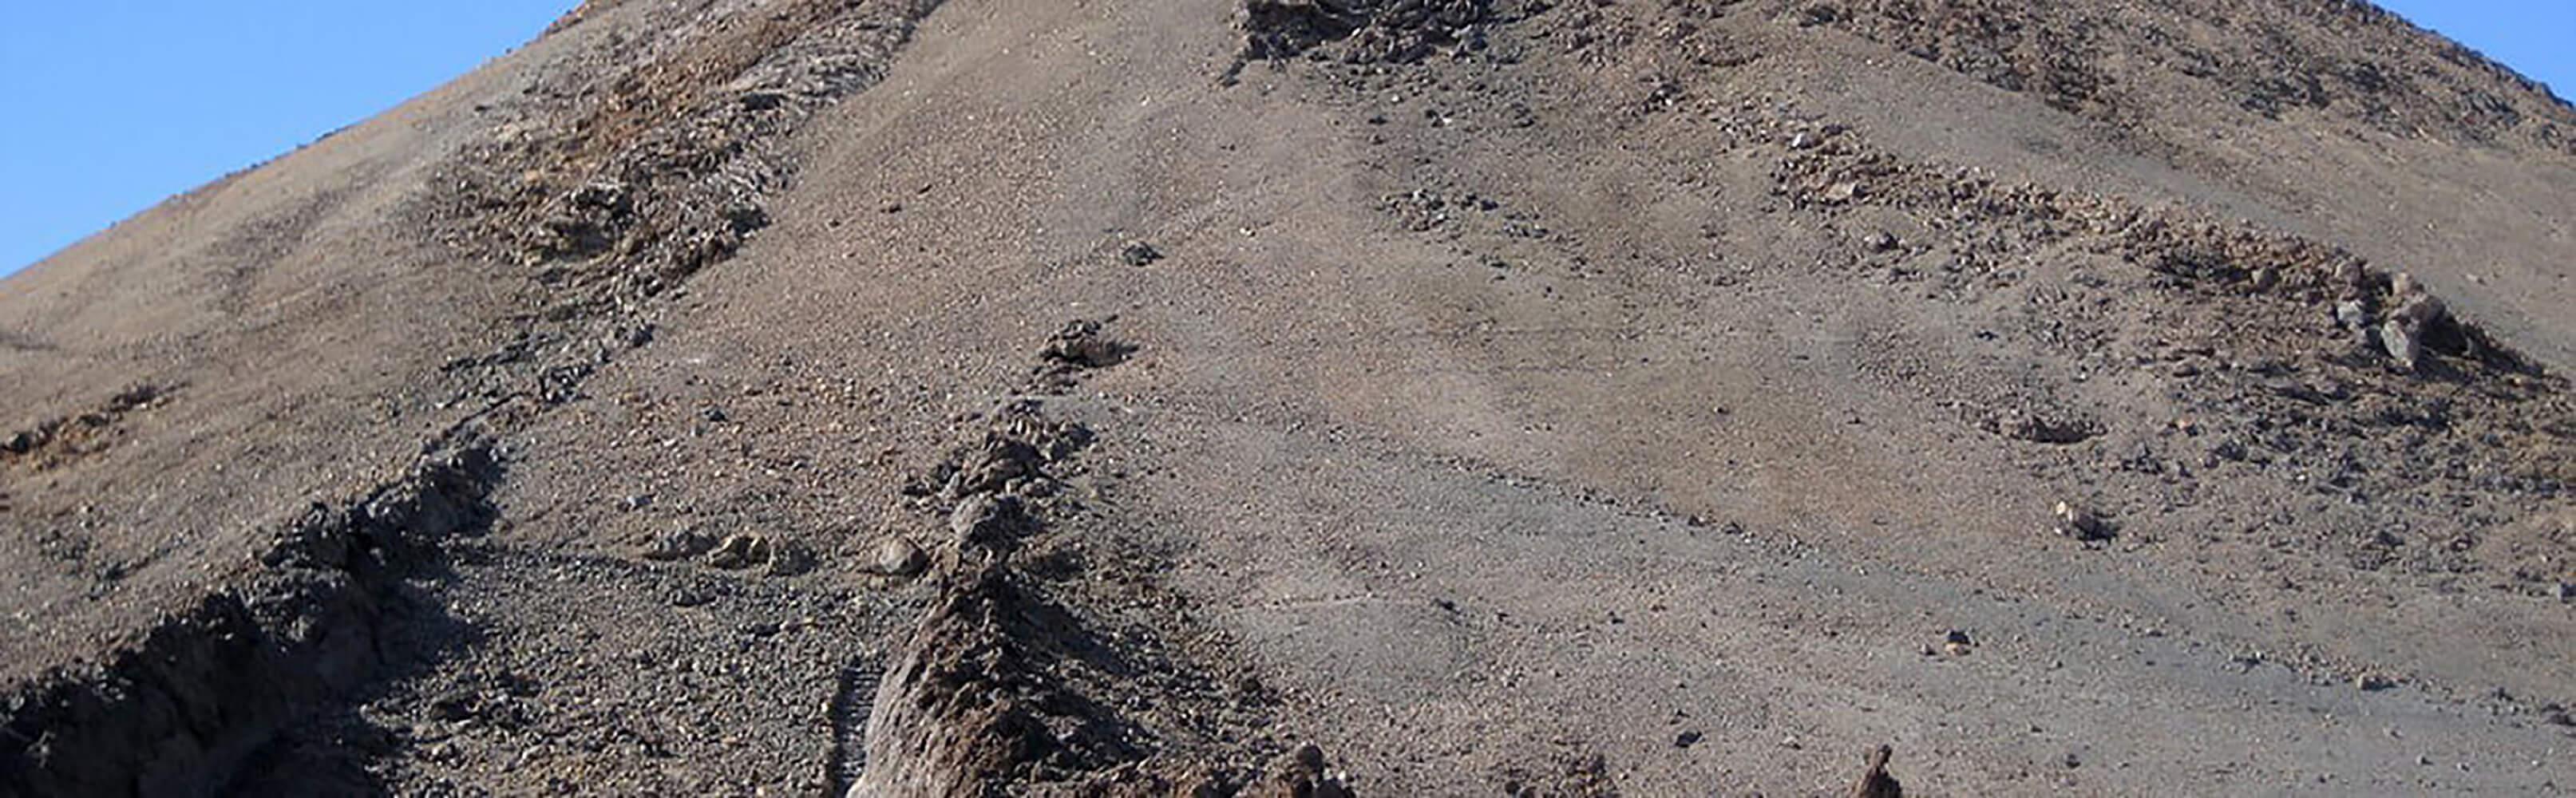 Pico del Teide 1